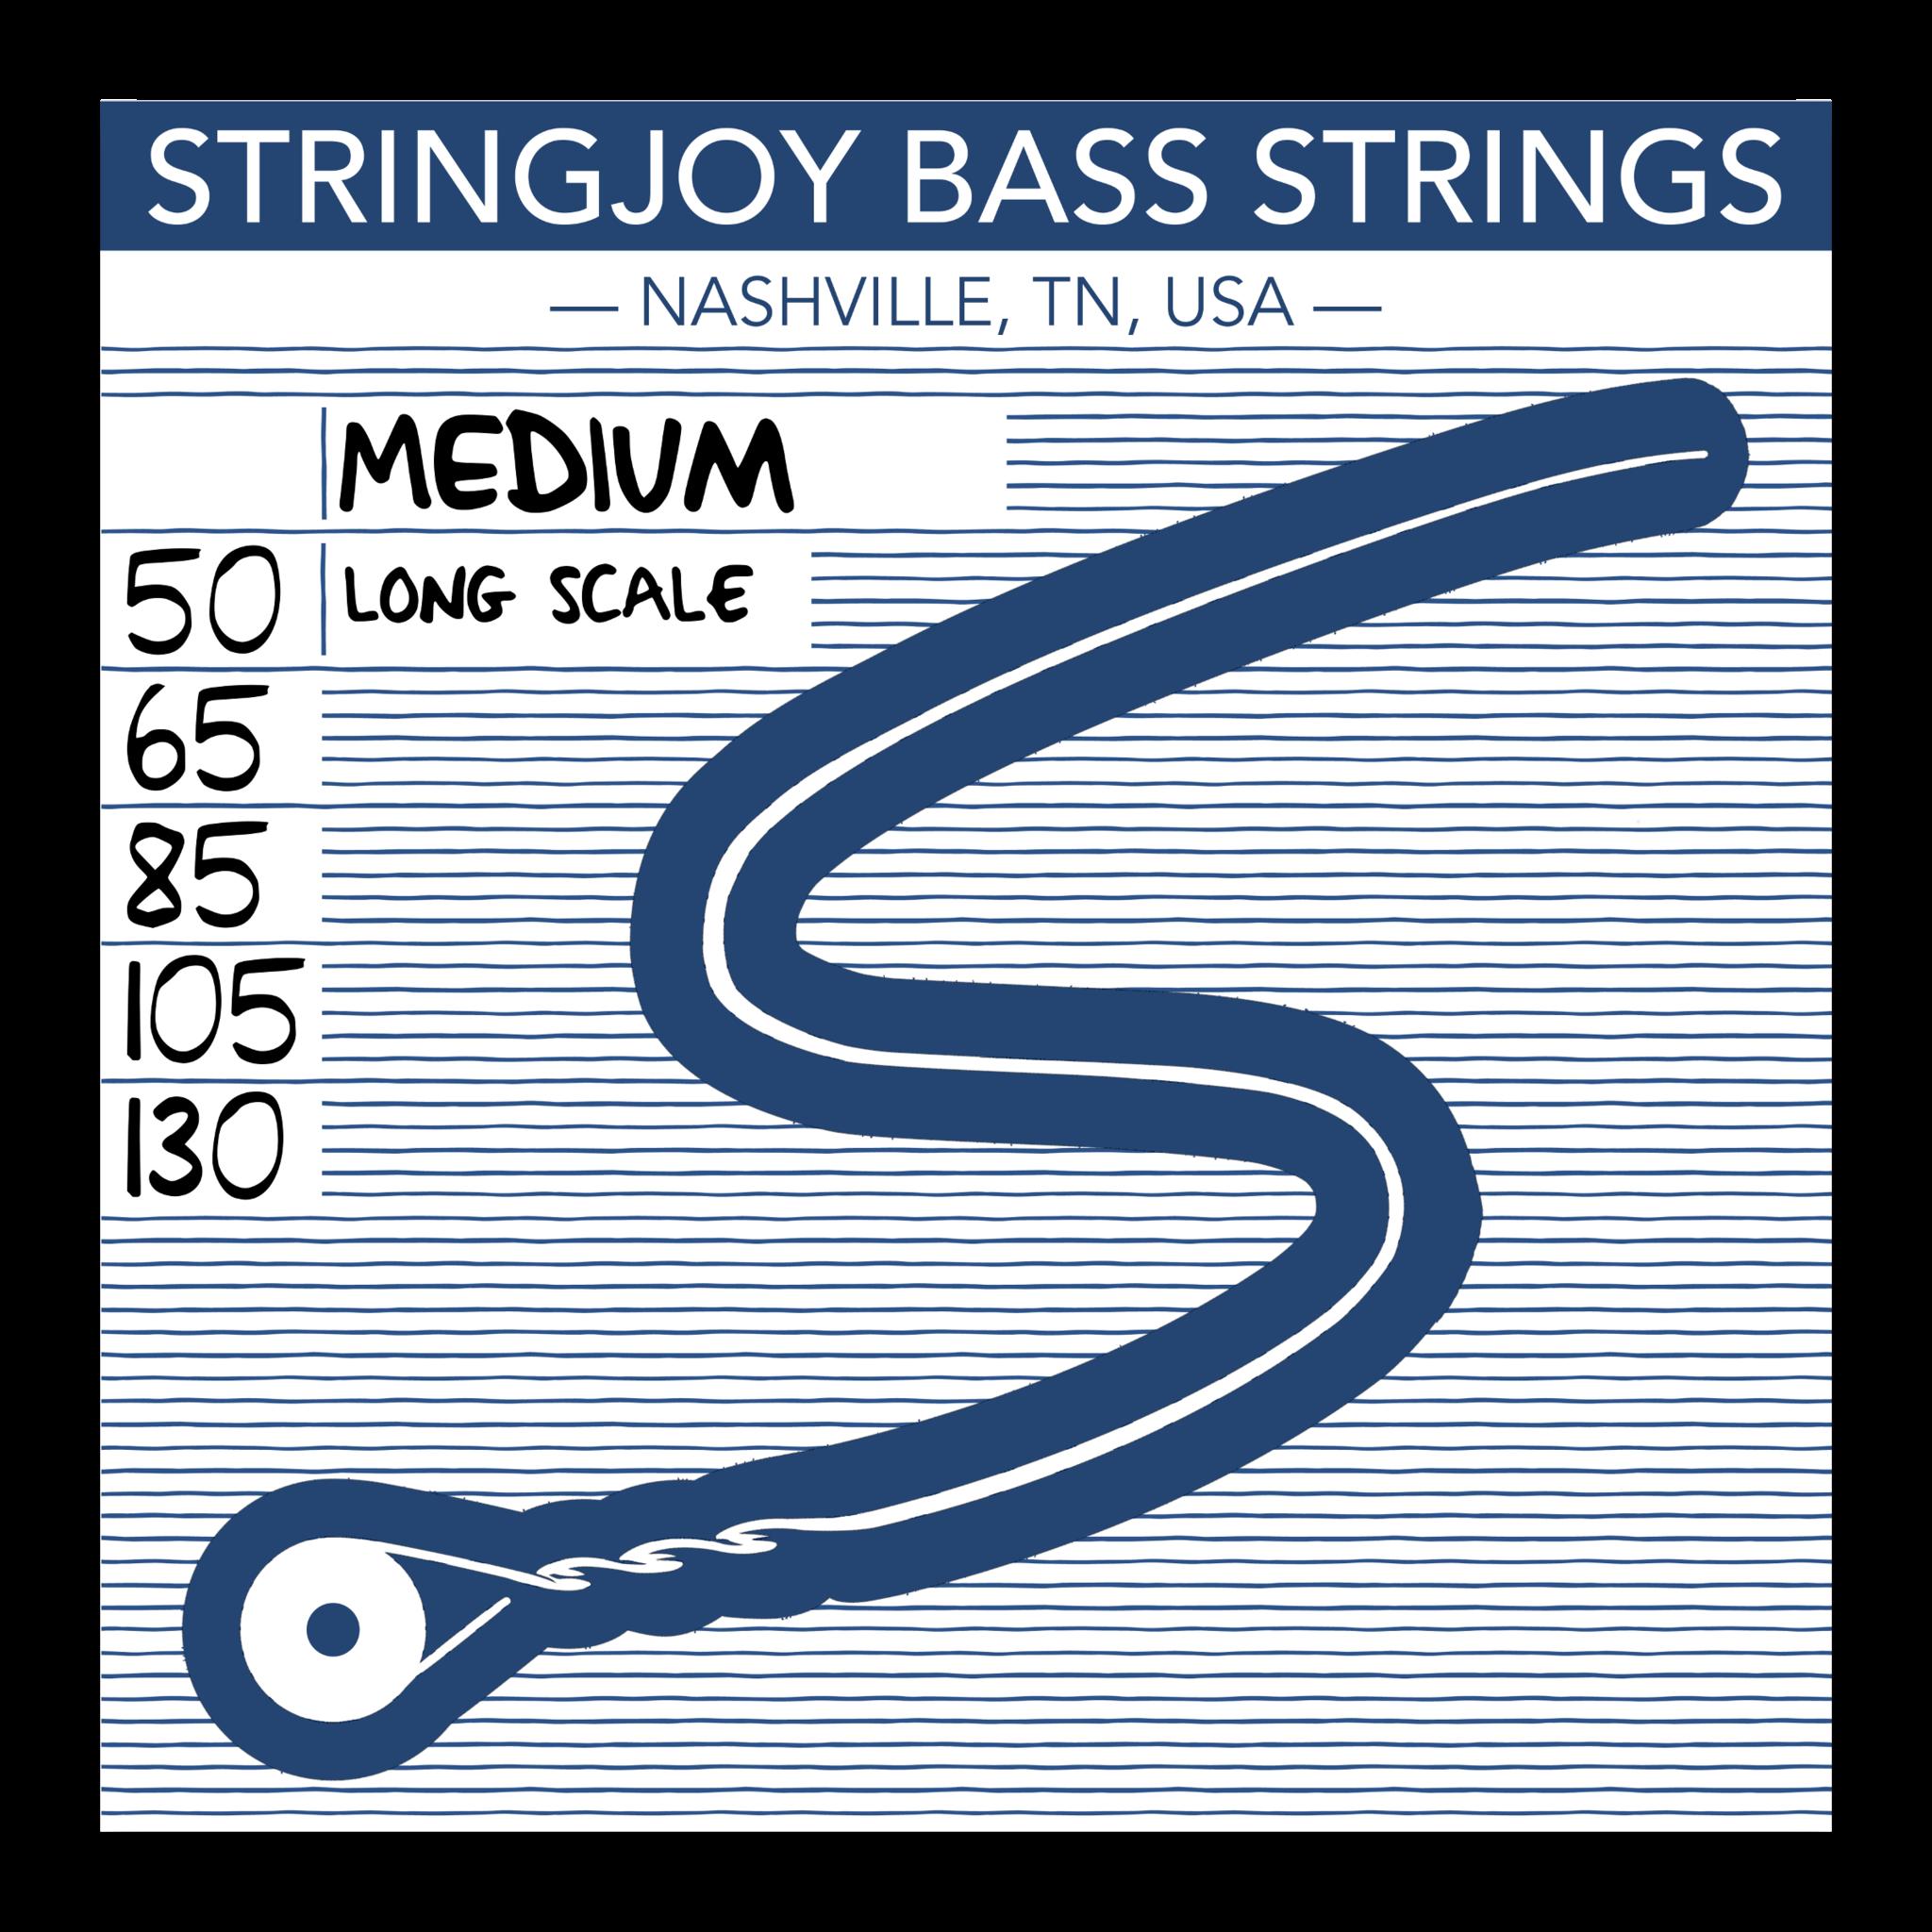 Stringjoy Bass Medium 5-string Bass Strings (50-130) SJ-BA50130-1